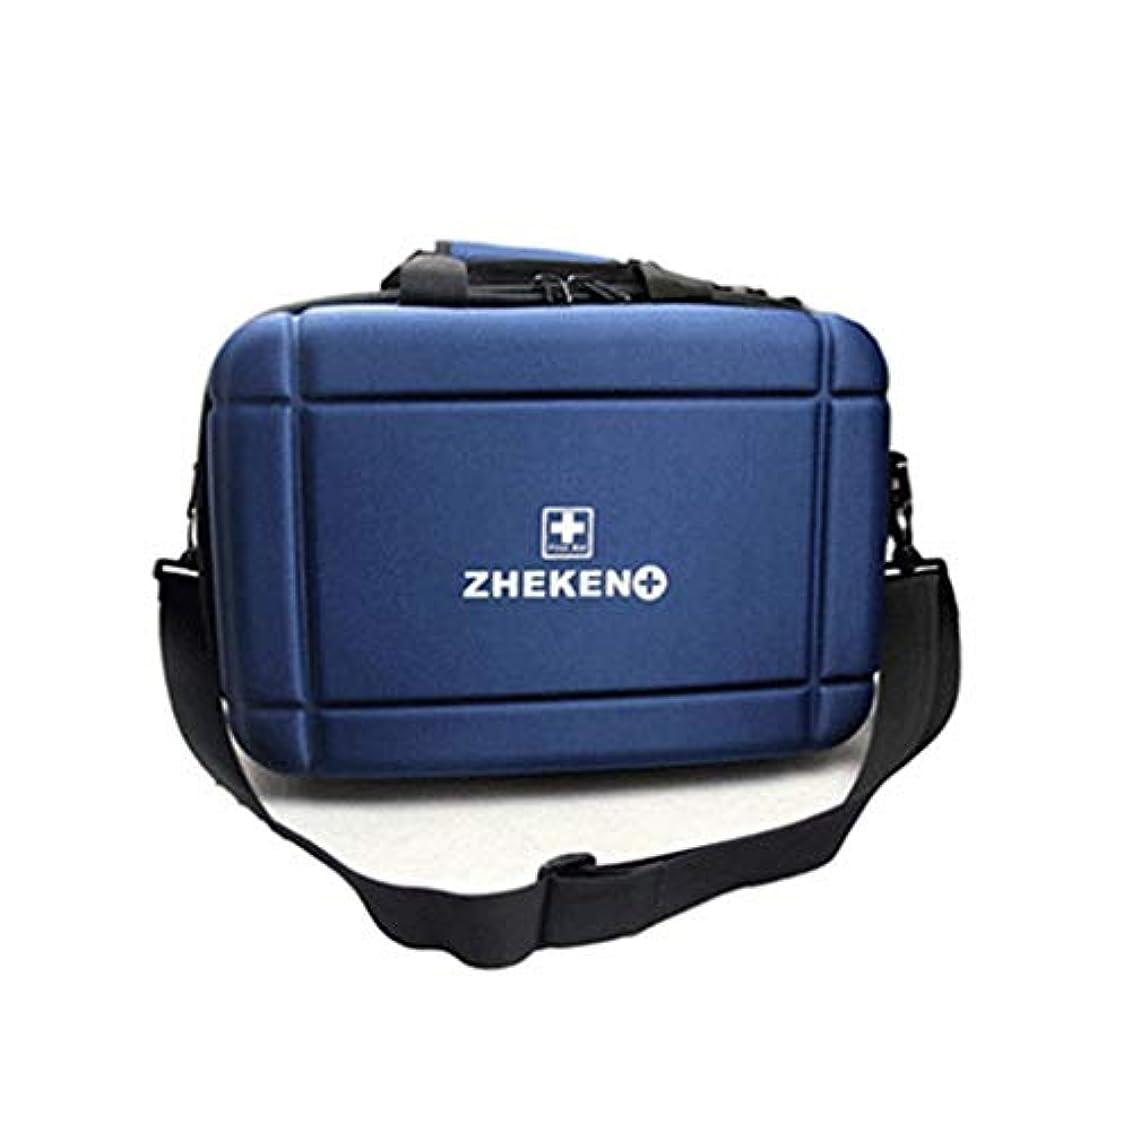 トラブルカラスアウターポータブル救急箱ドクタービジットボックス産後ビジットパッケージEVA防水素材大容量/レッドブルー LXMSP (Color : Blue)